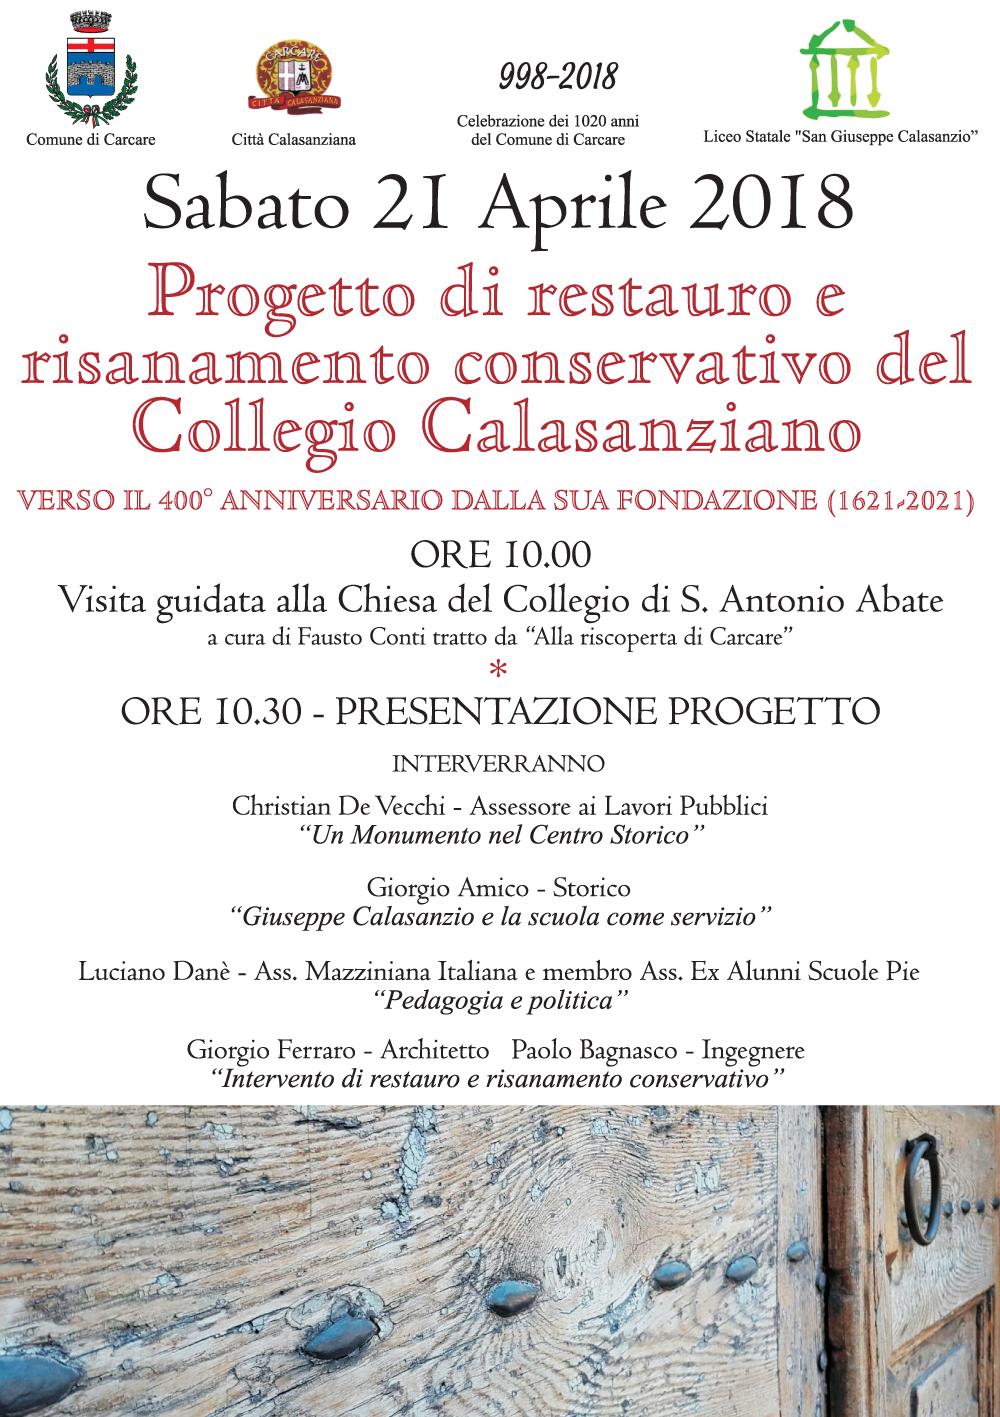 Presentazione del progetto di risanamento conservativo del Collegio Calasanziano